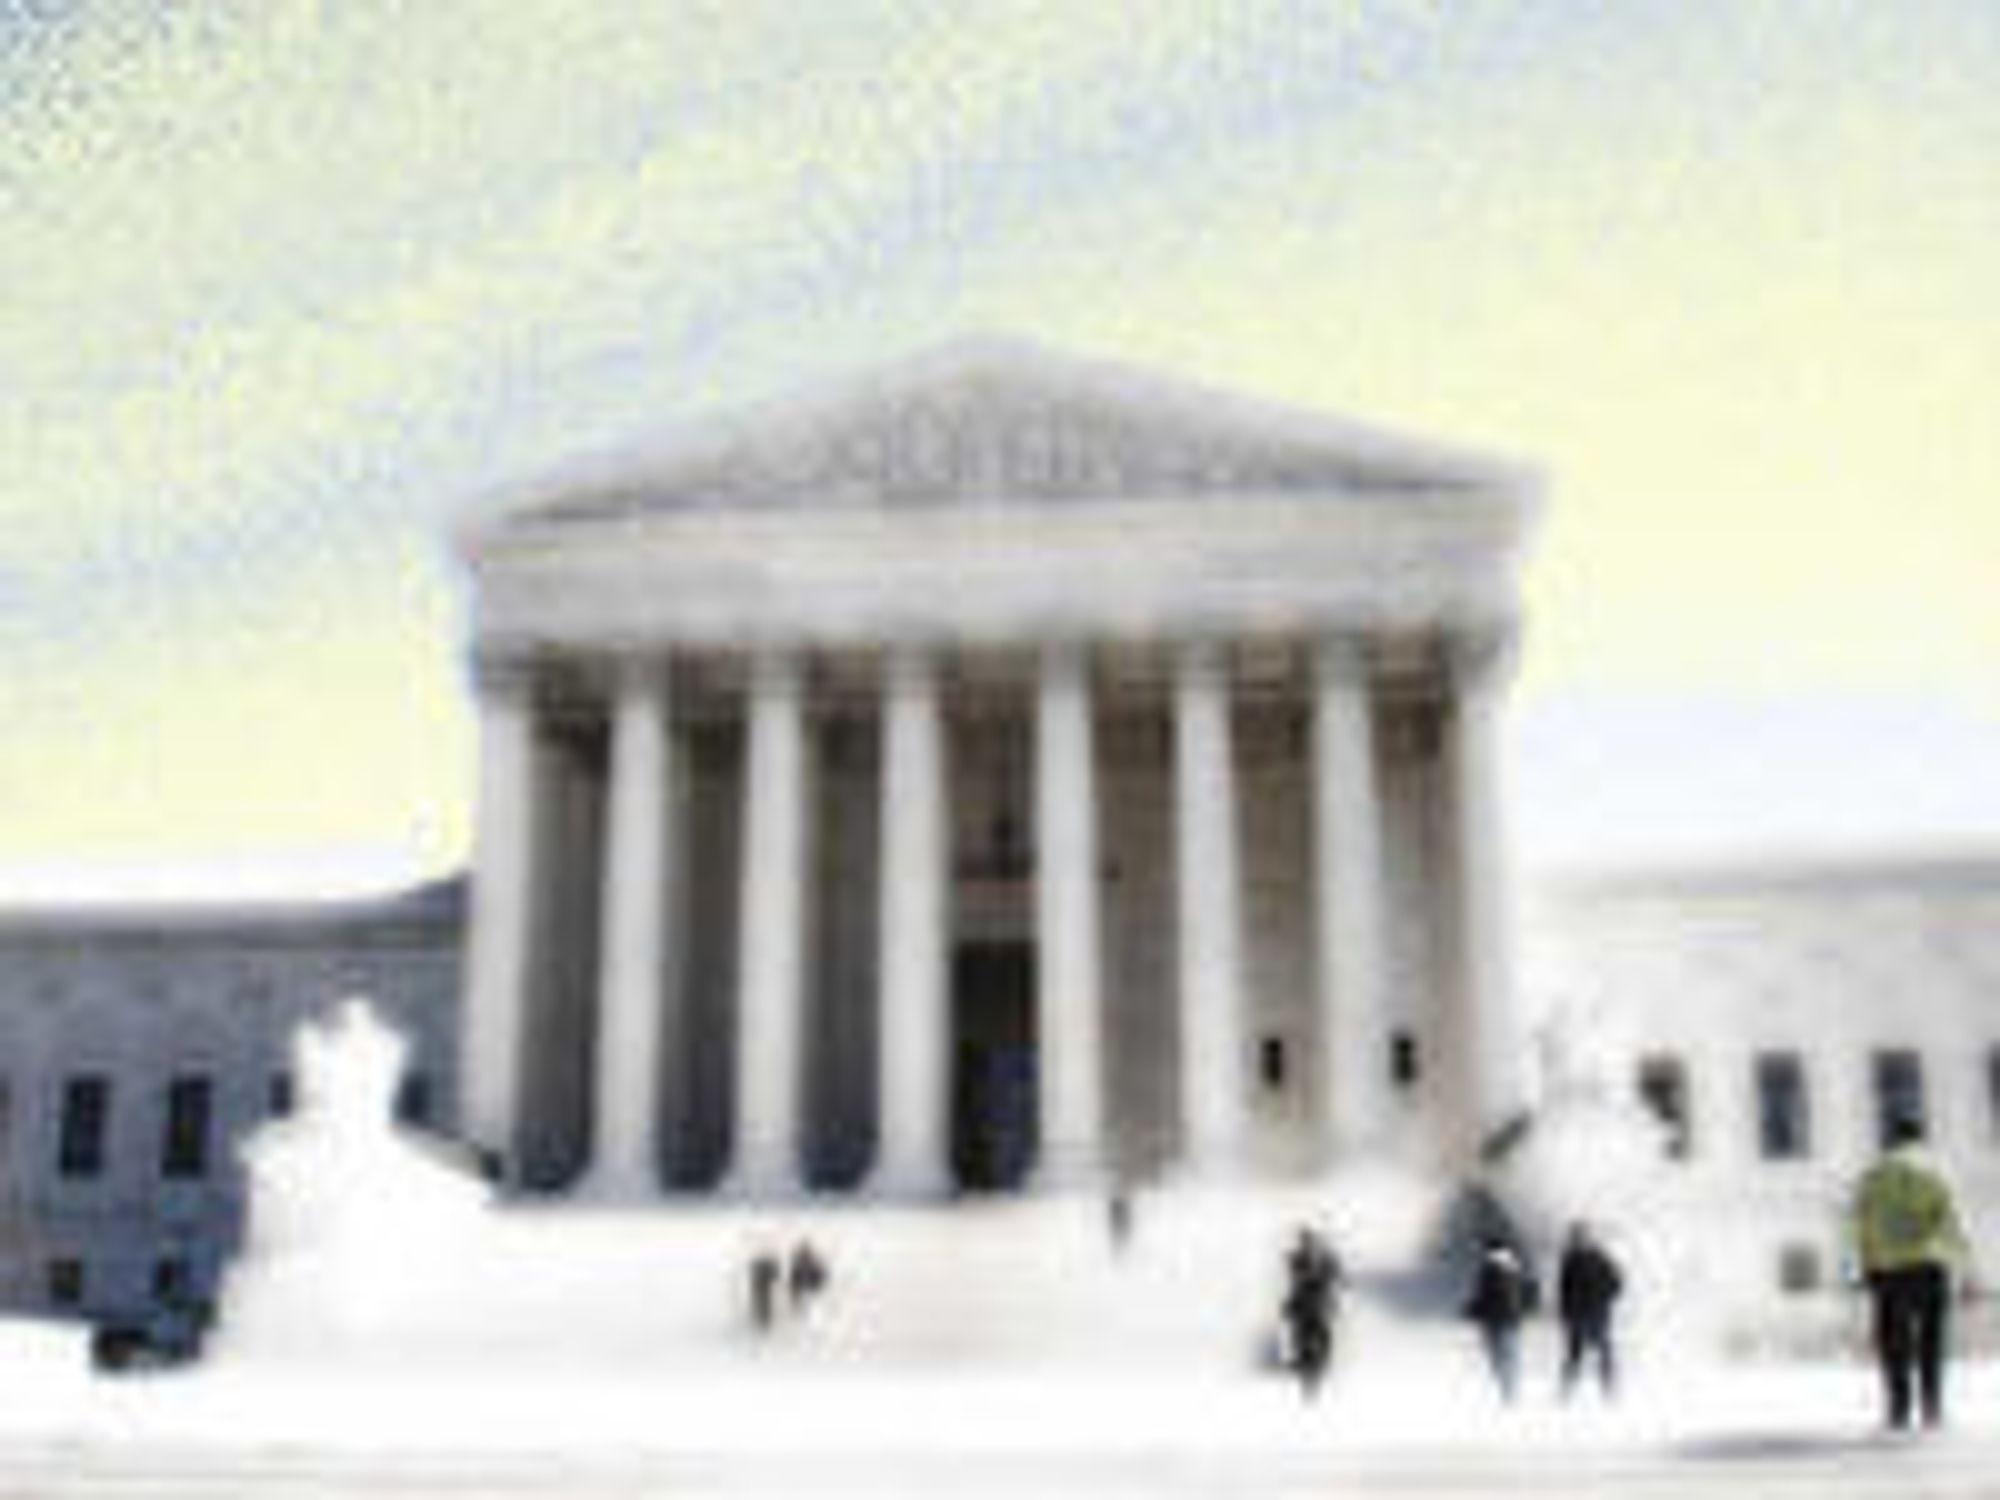 Mange hadde ønsket en langt skarpere og klarere kjennelse fra USAs høyesterett i denne symbolsaken.